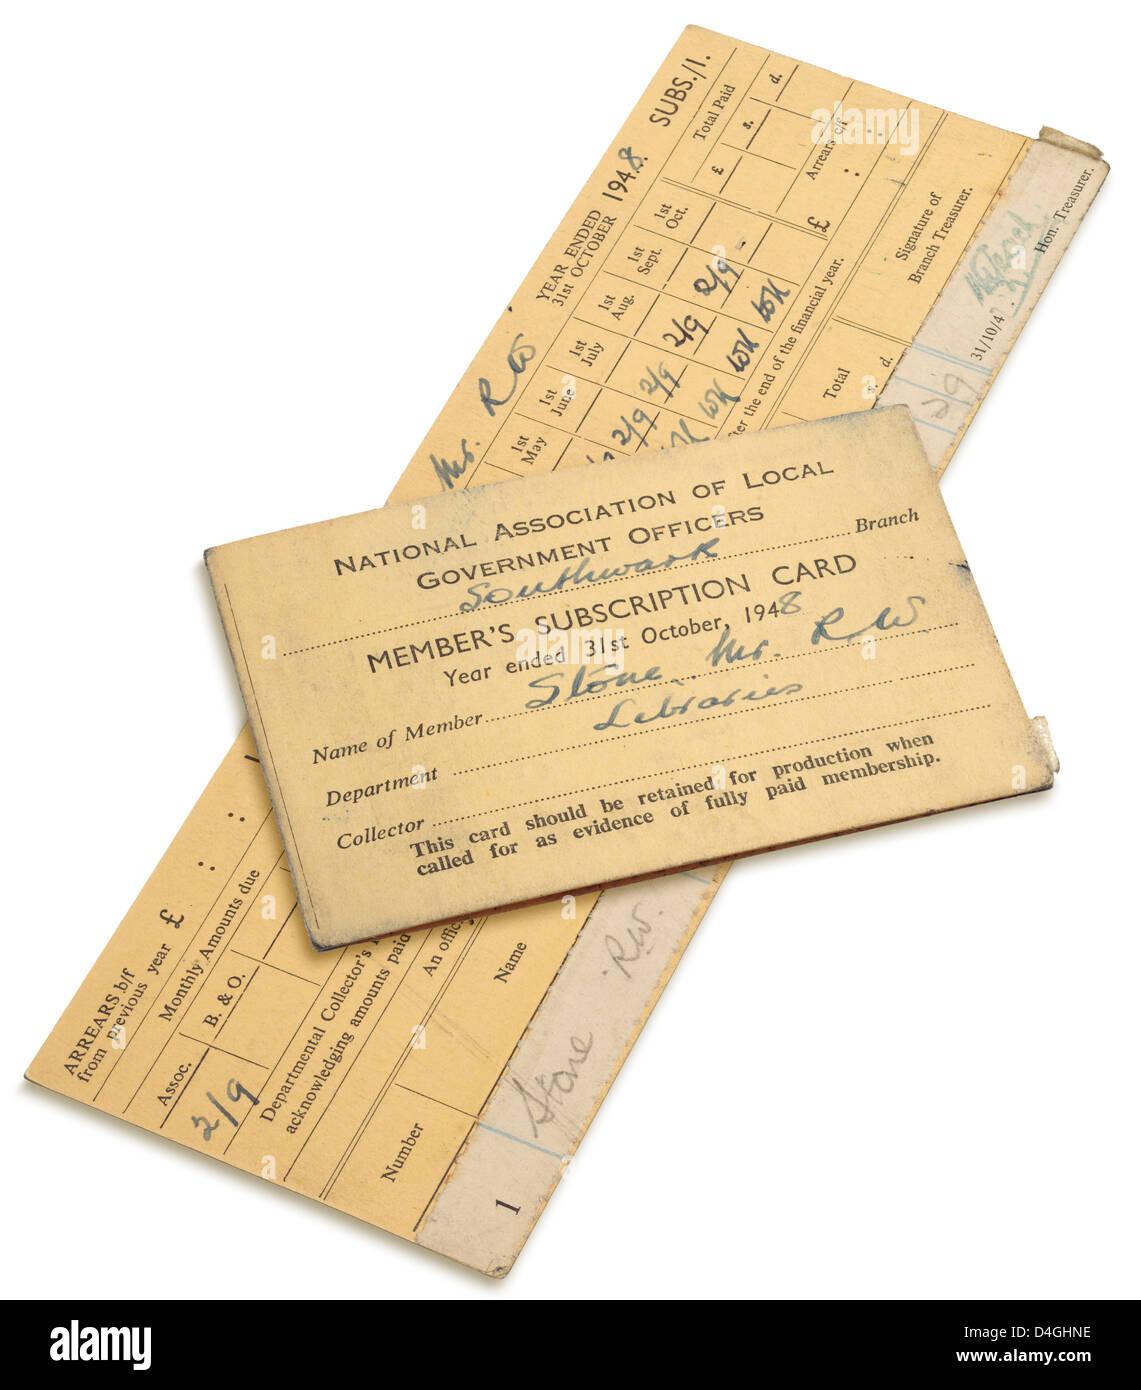 NALGO - Funcionarios del gobierno nacional y local' Association - Tarjeta de suscripción del miembro desde Imagen De Stock